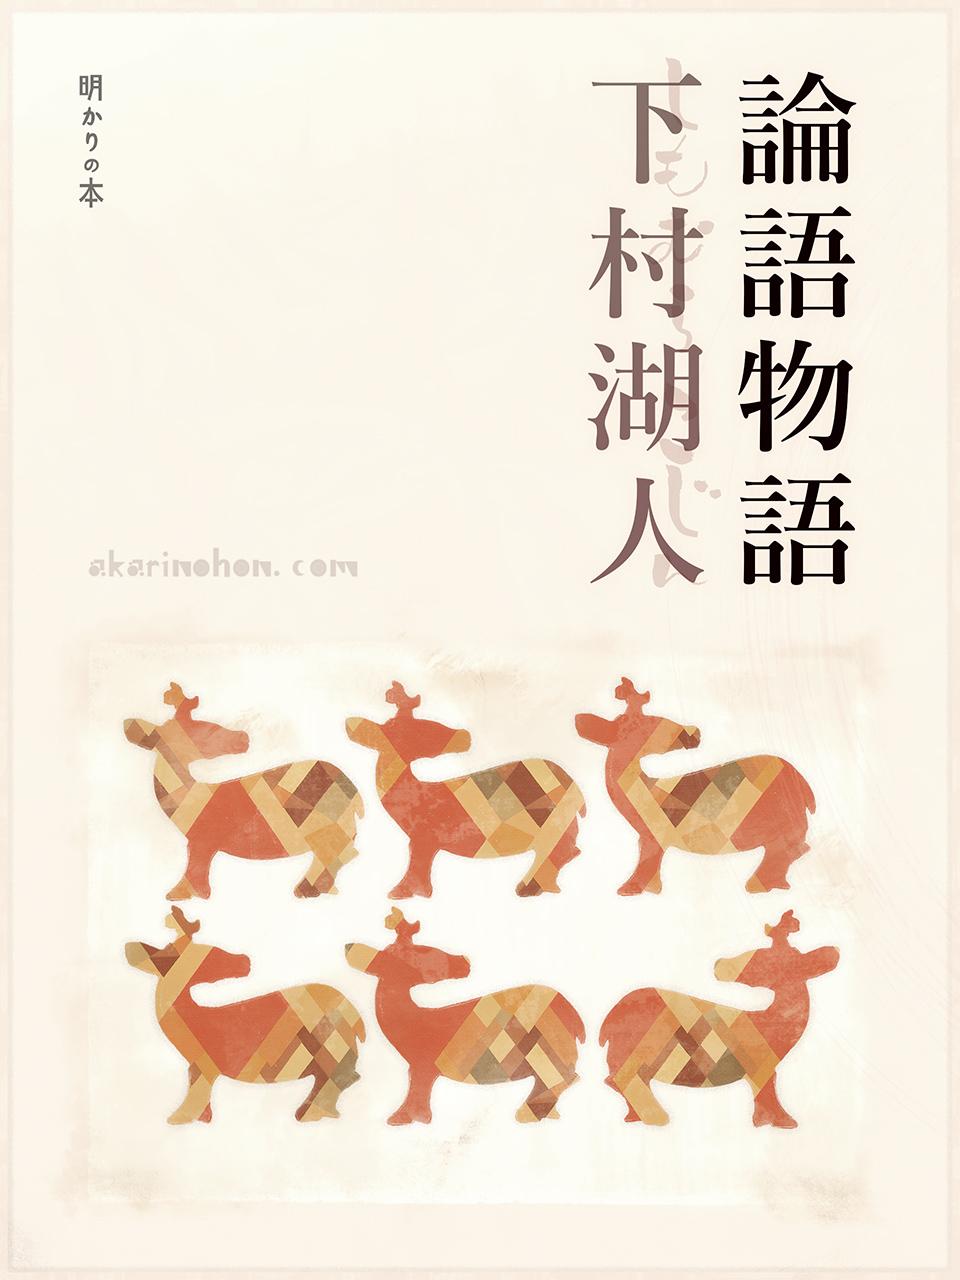 0000 - 論語物語(22) 下村湖人